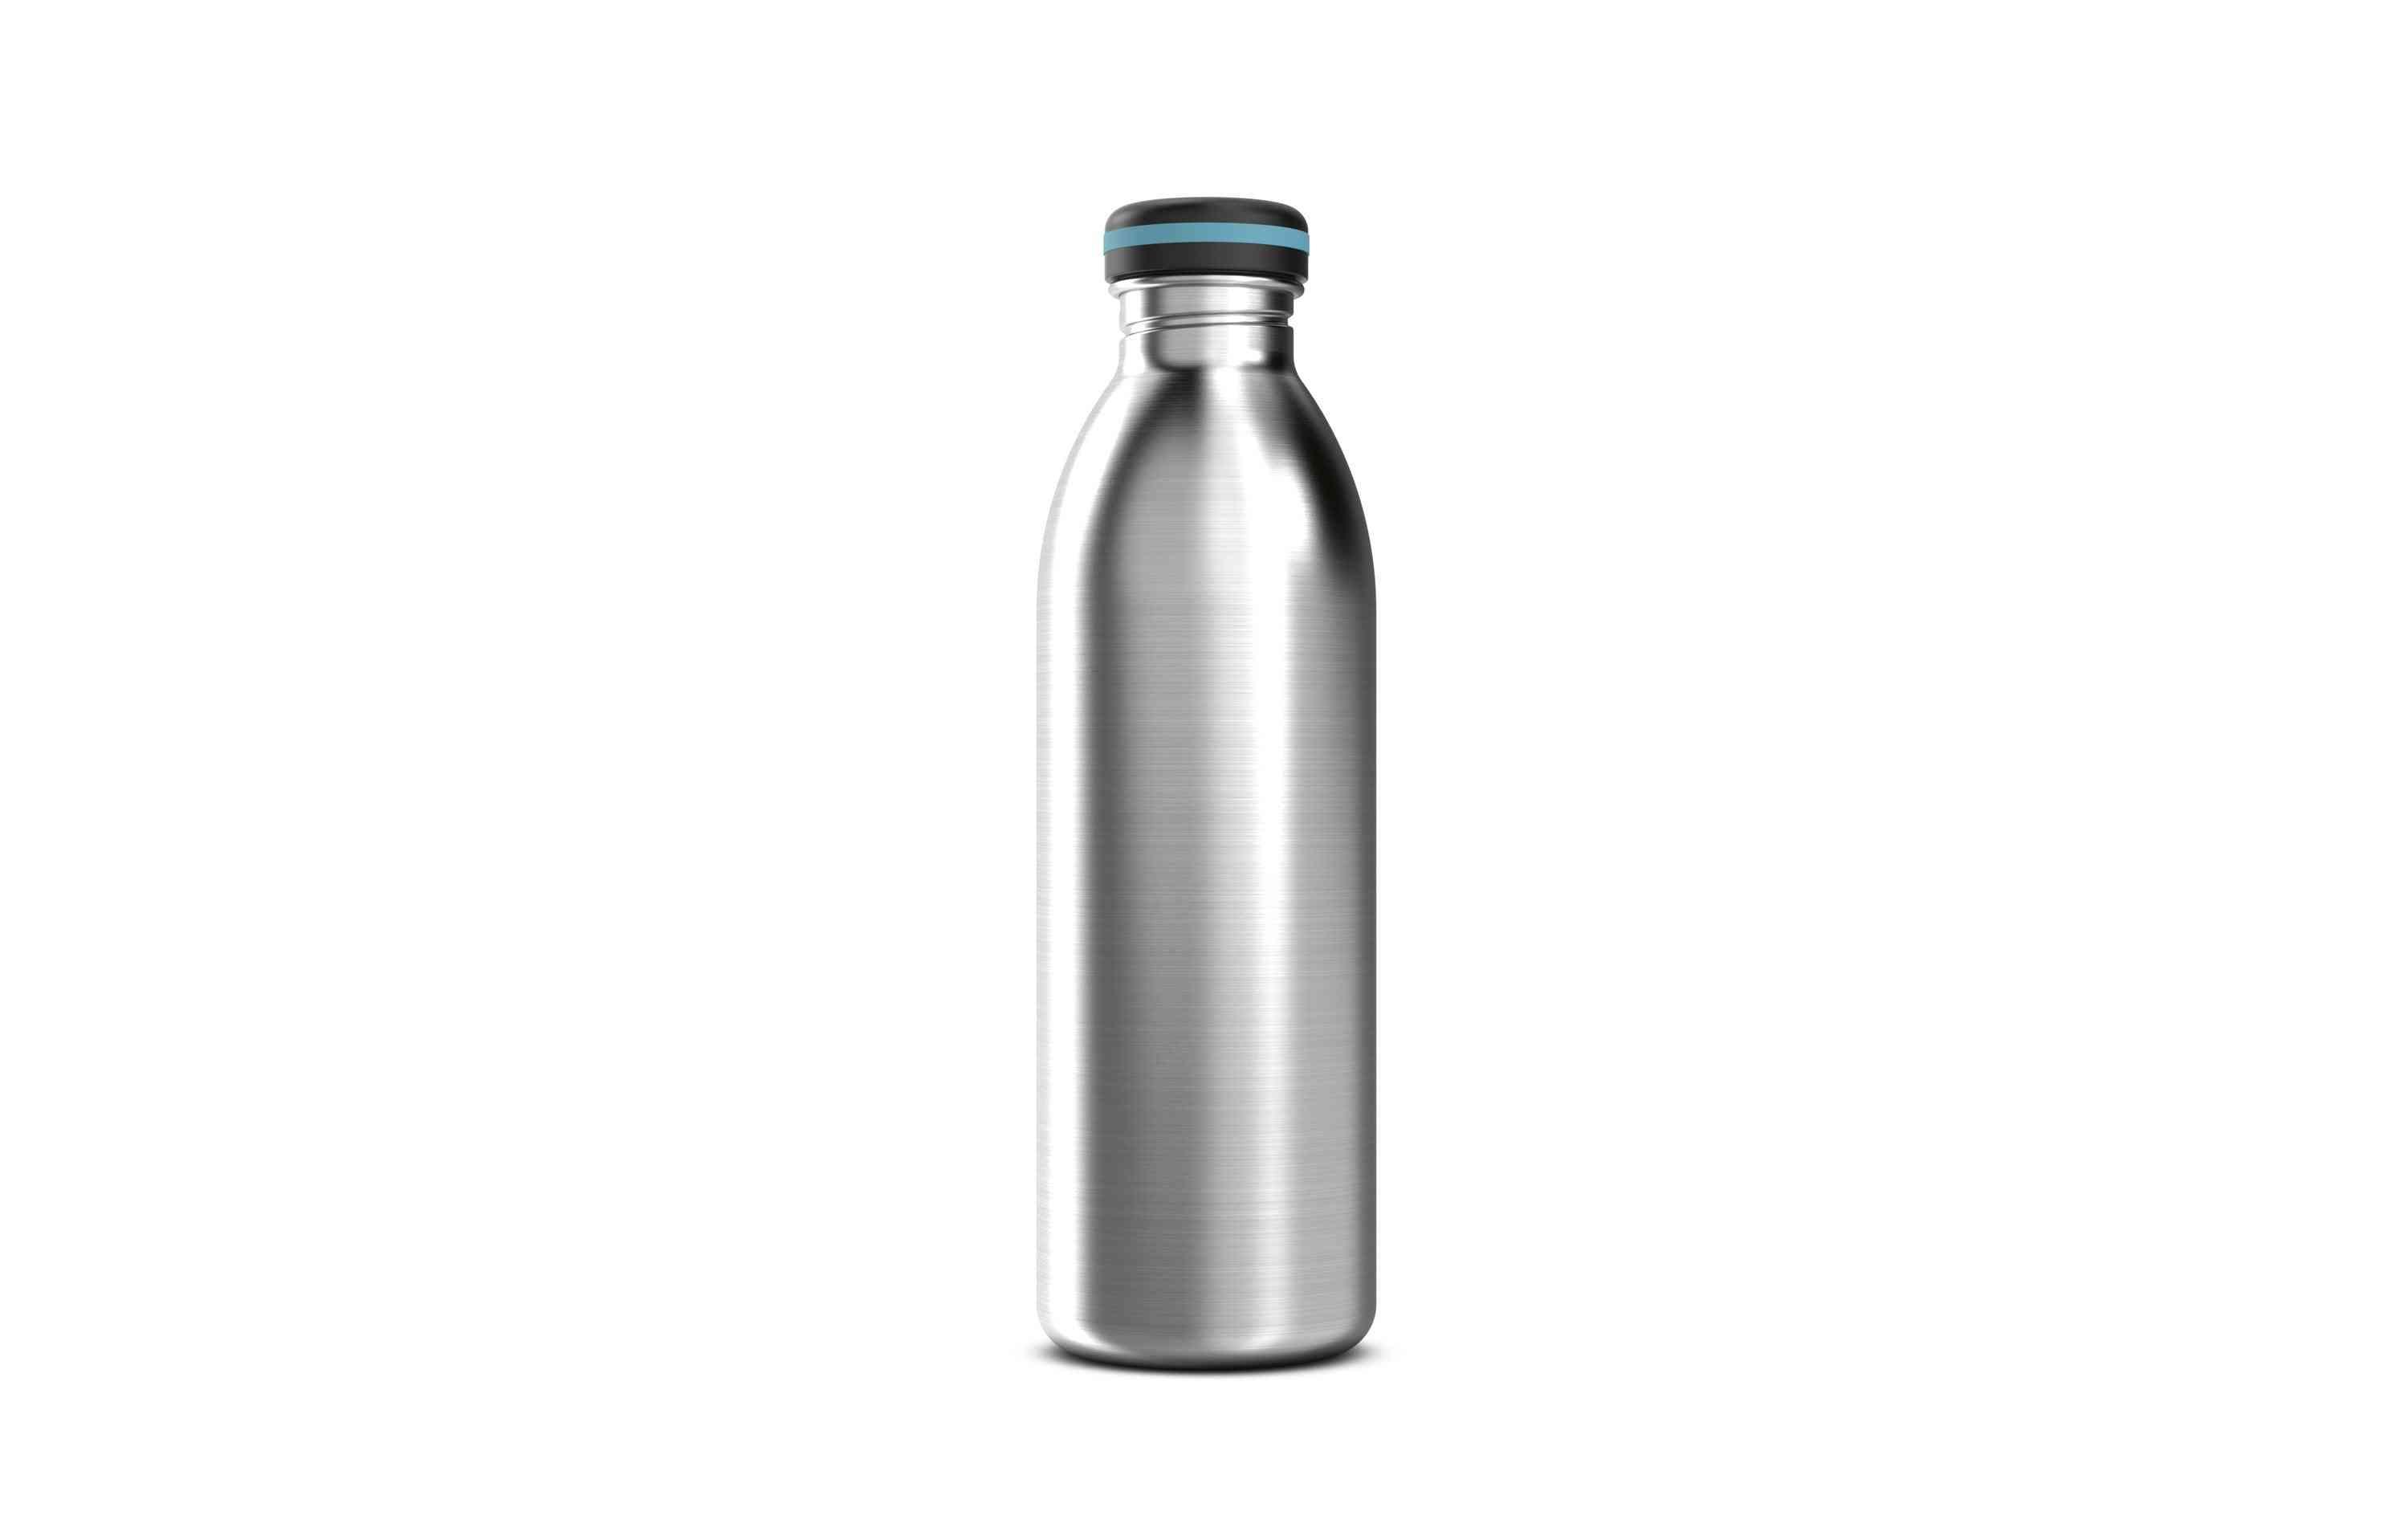 One Single Wall Steel 750ml / 25oz Stainless Steel Bottle